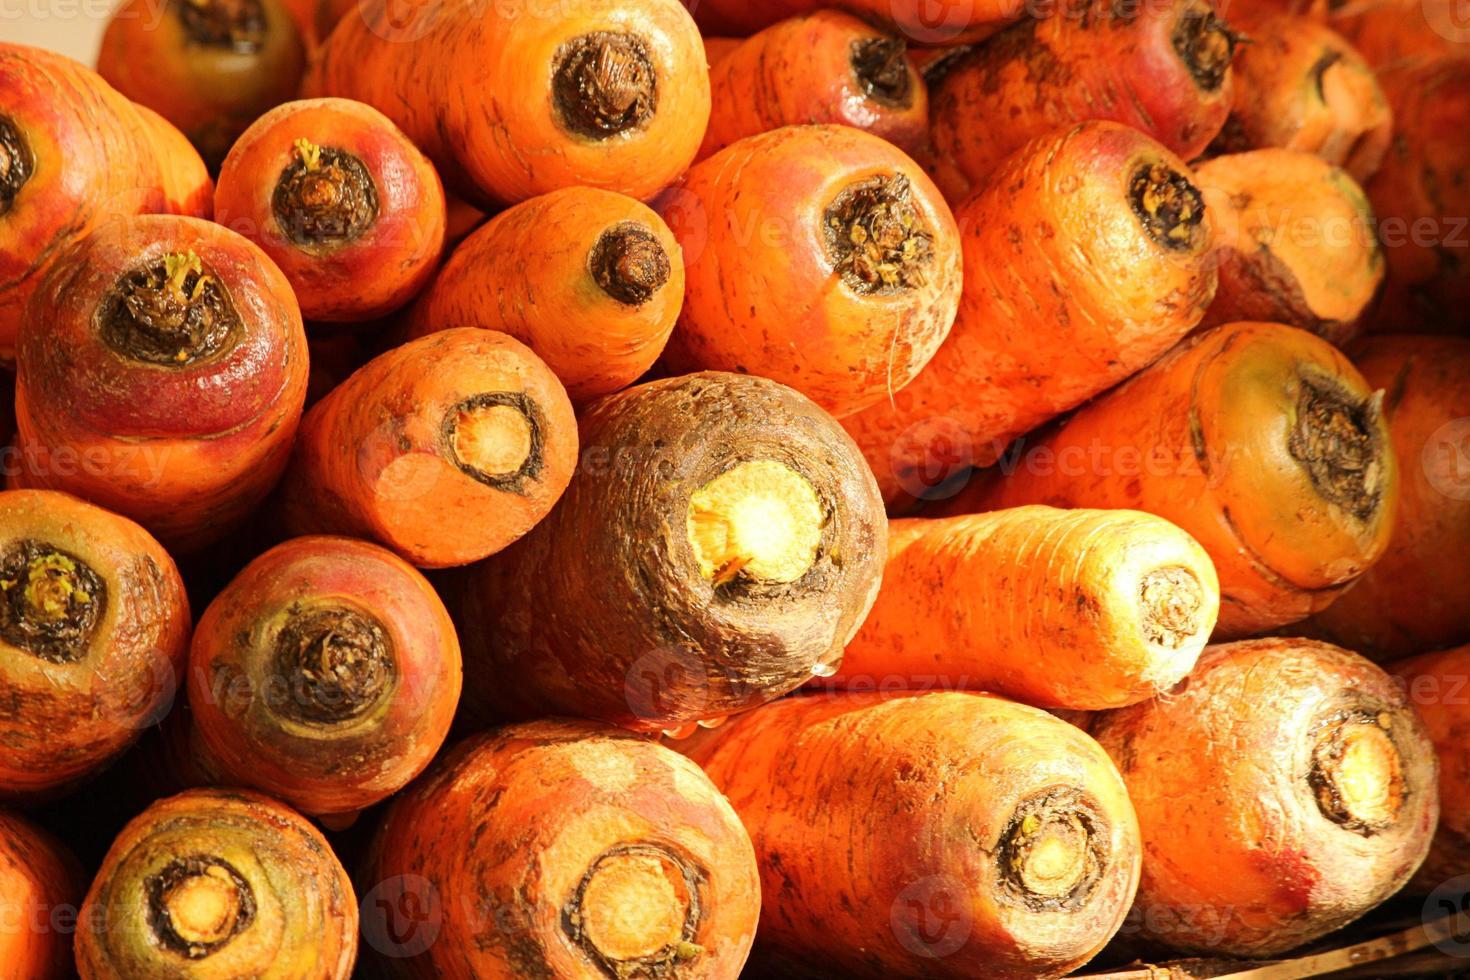 färska morötter på marknaden foto